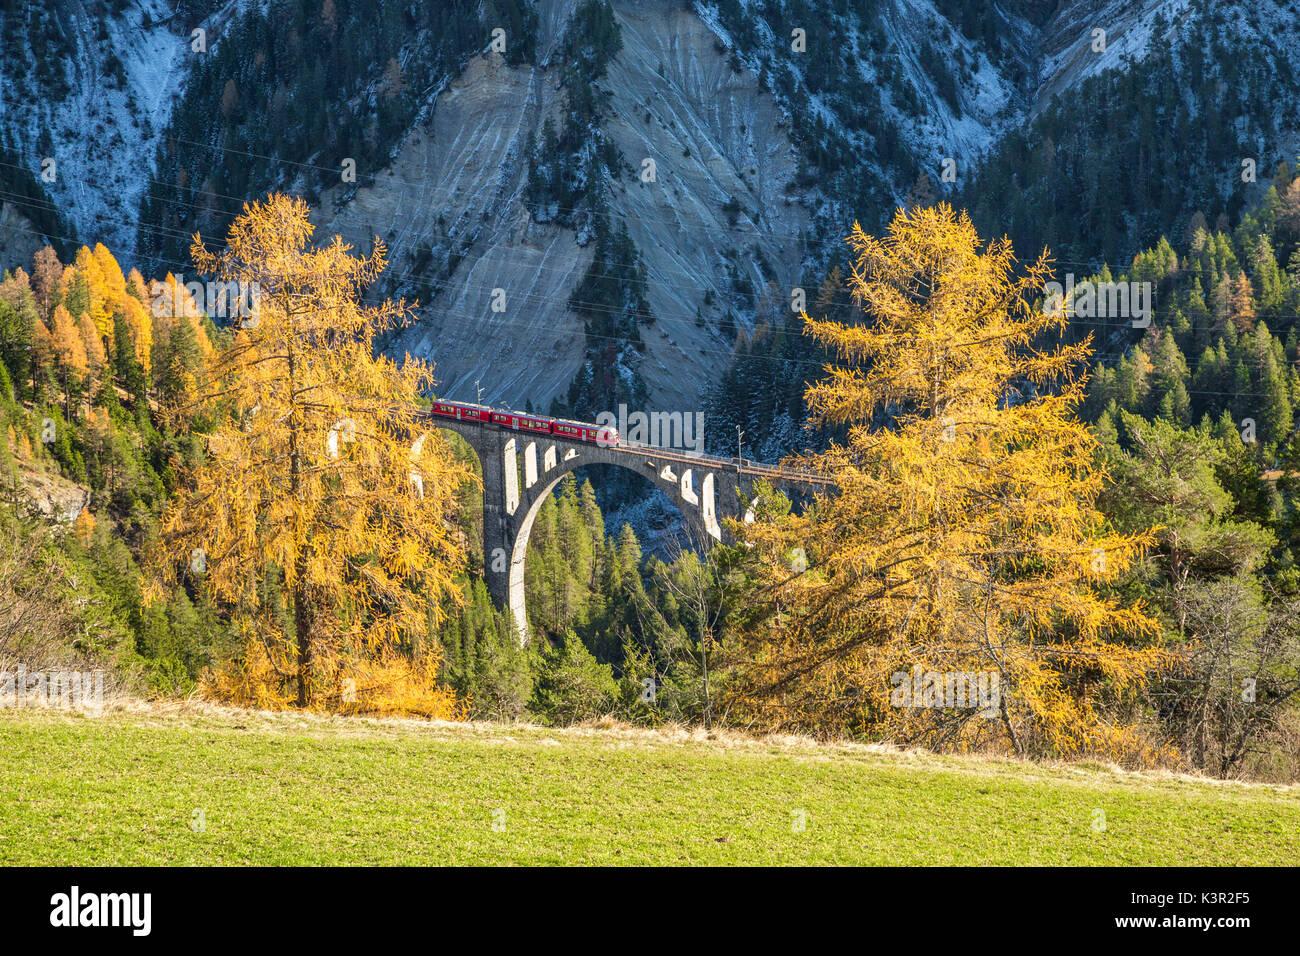 Bernina Express durchläuft Wiesner Viadukt umgeben von bunten Wäldern Kanton Graubünden Schweiz Europa Stockbild